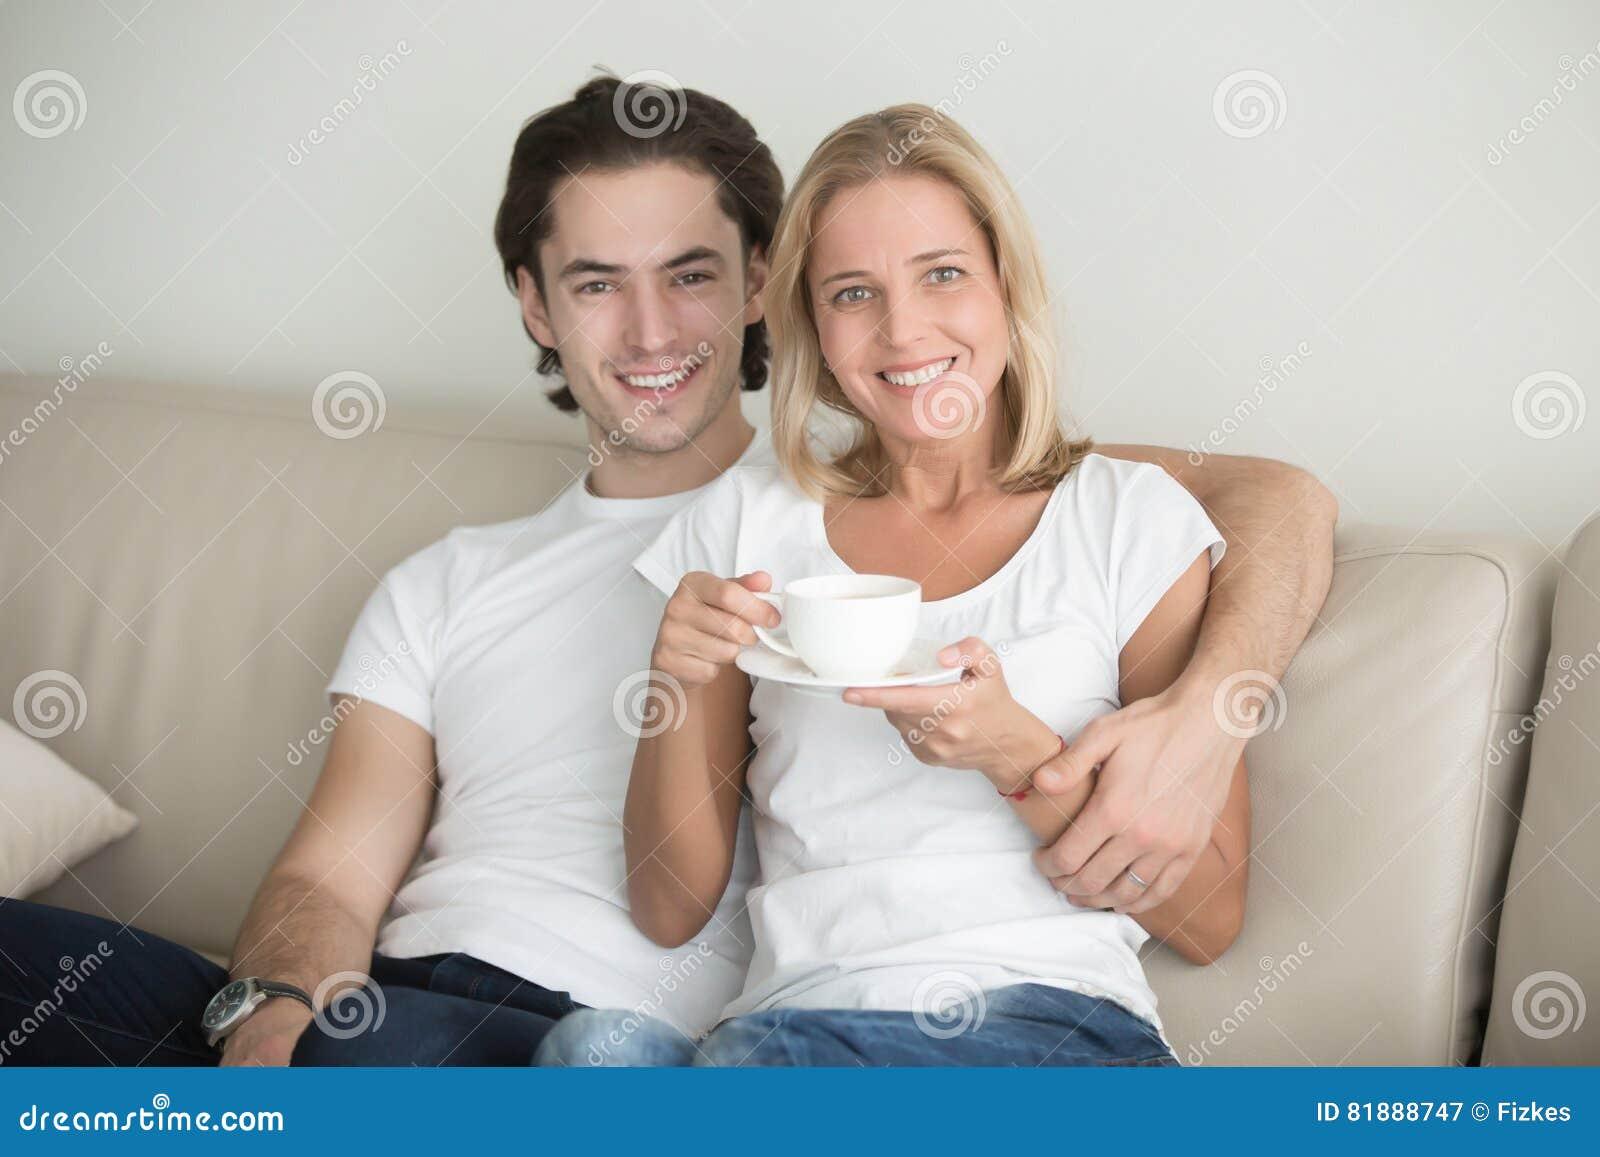 Portret van een jonge man en een vrouw op middelbare leeftijd